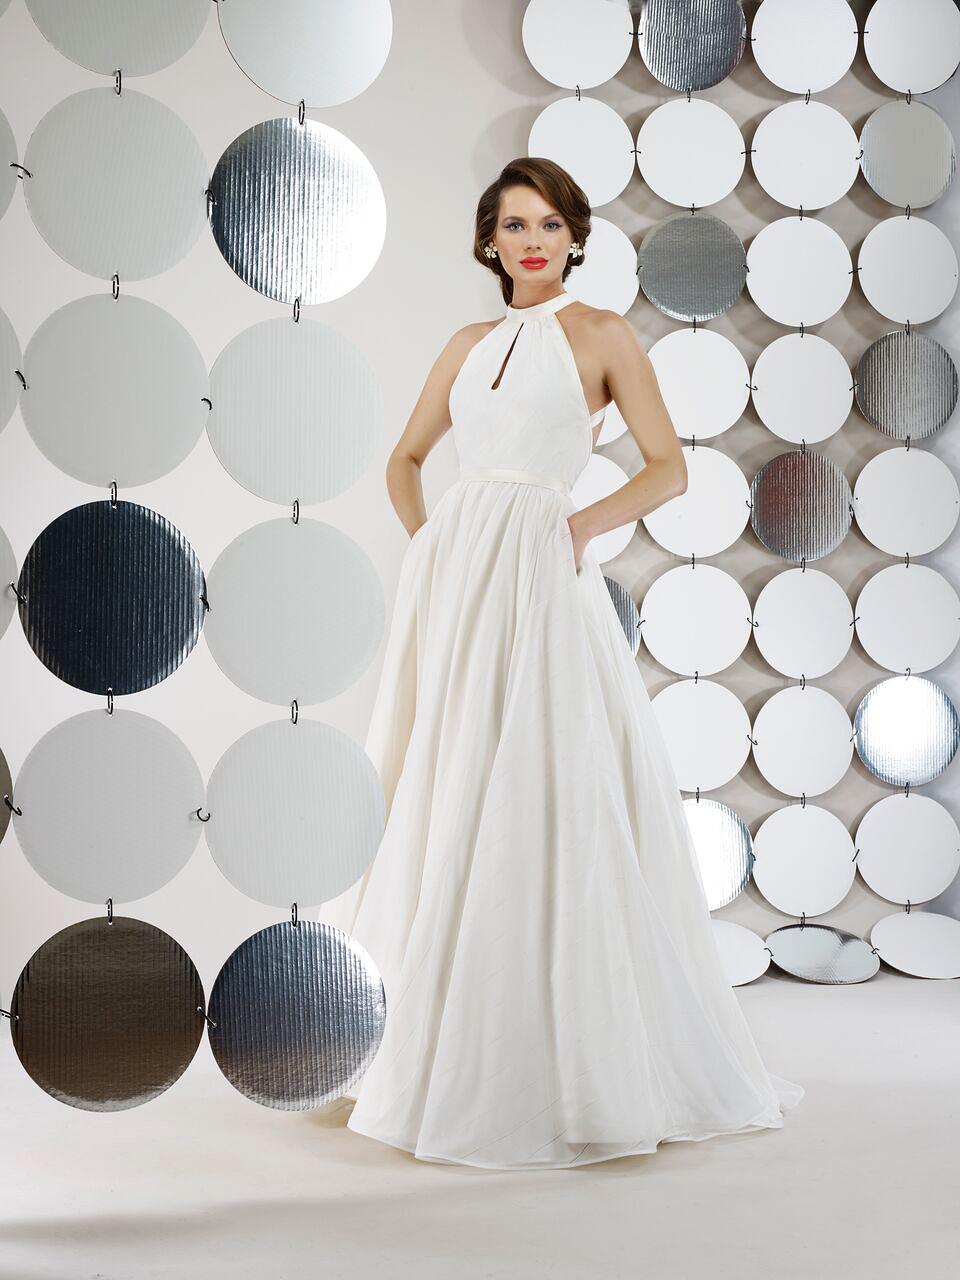 steven birnbaum bridal wedding dress fall 2018 sleeveless ballgown pockets